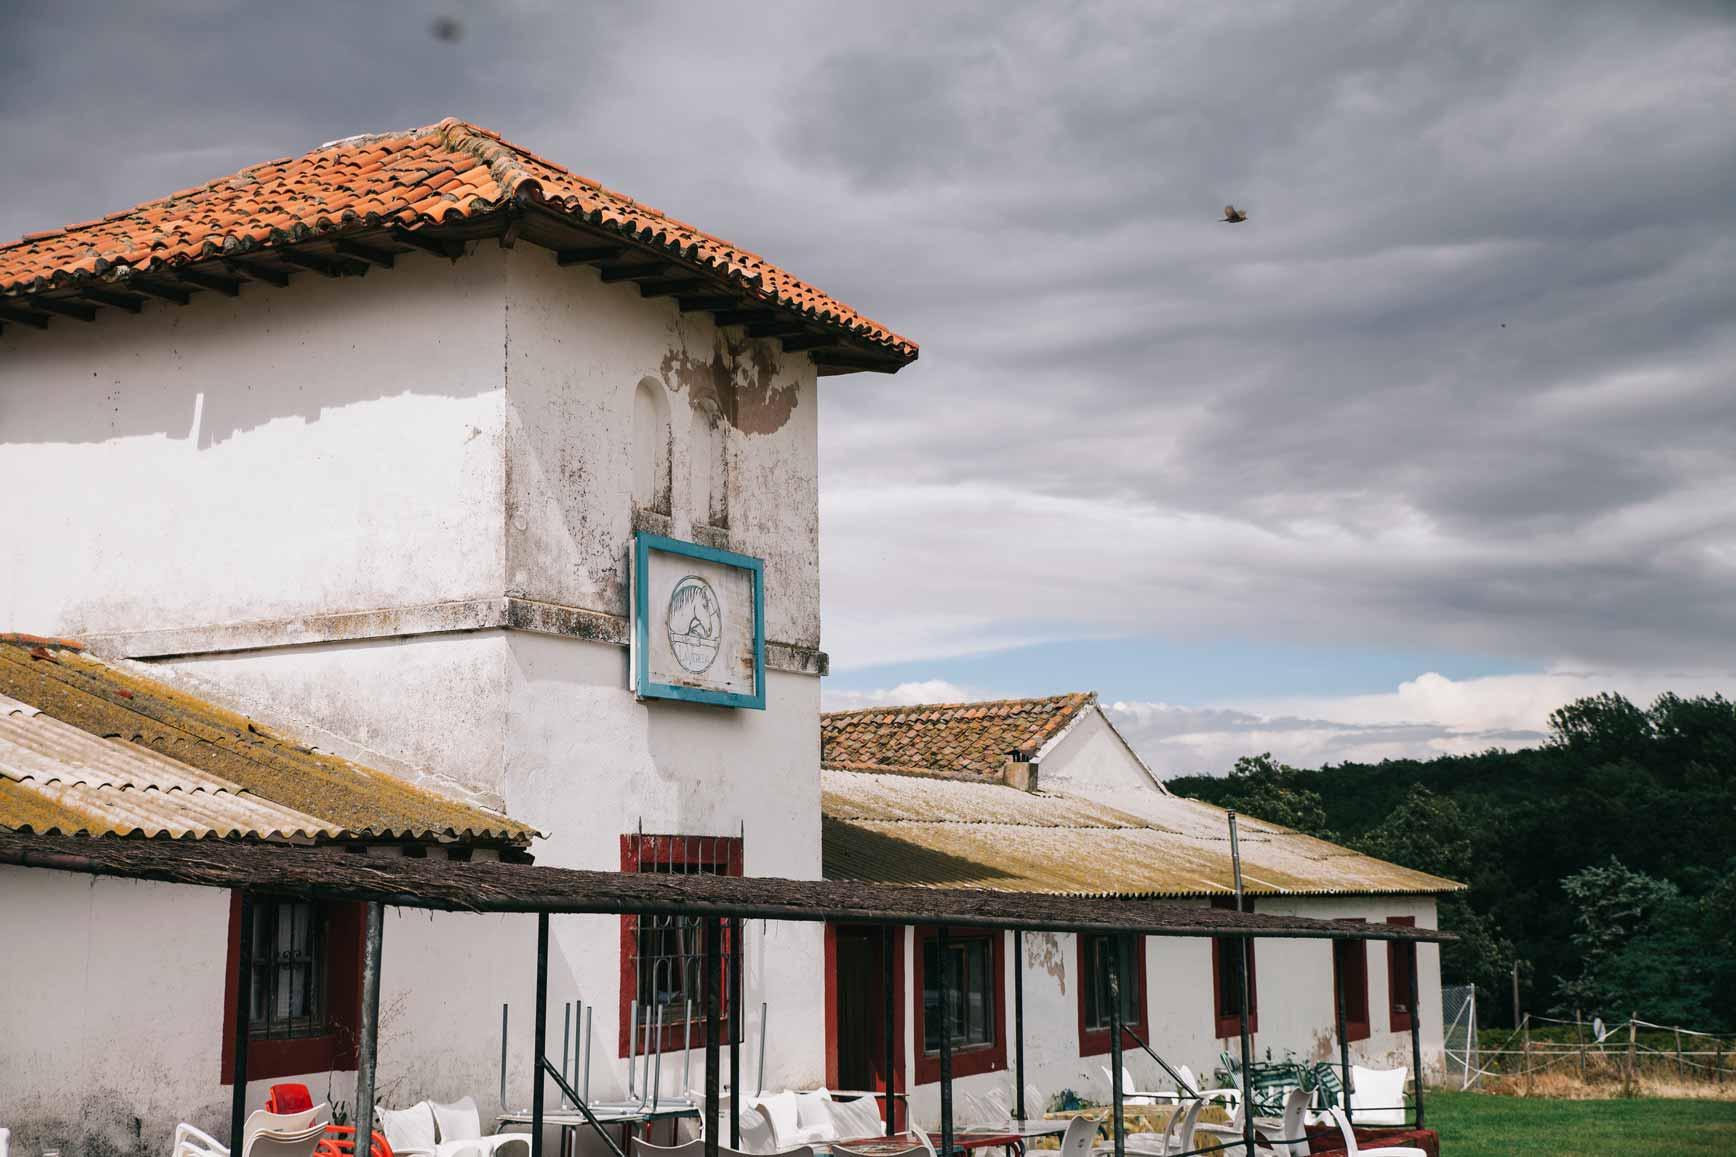 Ruta a Caballo - Caballos La Vereda_claraBmartin_36